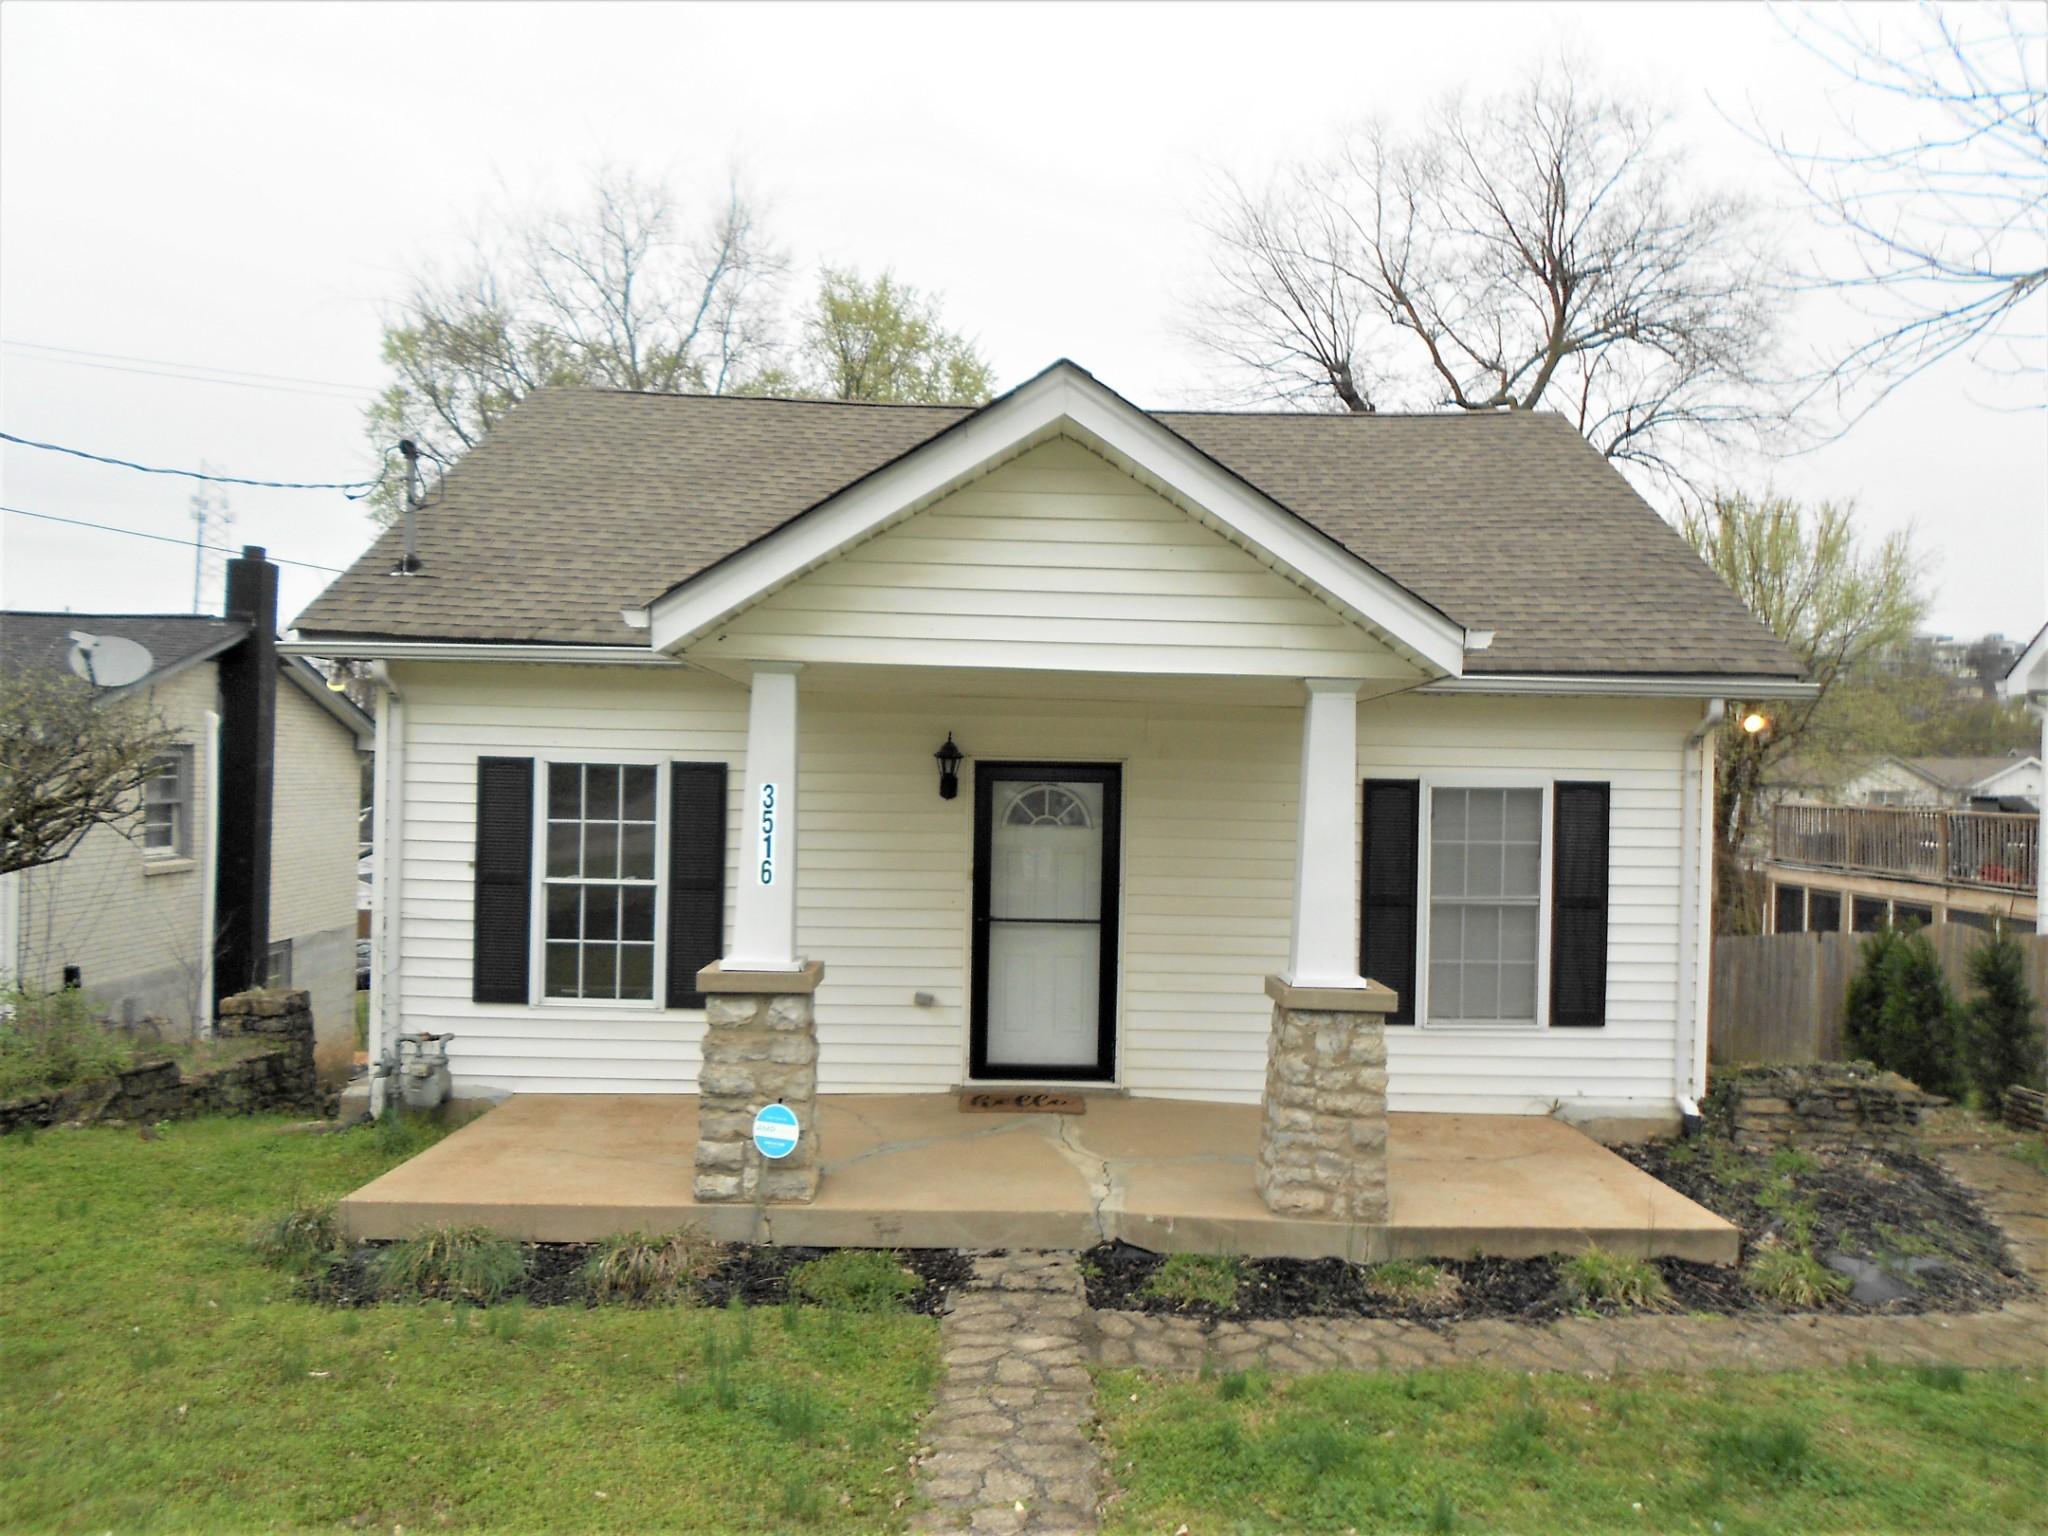 3516 Elkins Ave, Nashville, TN 37209 - Nashville, TN real estate listing